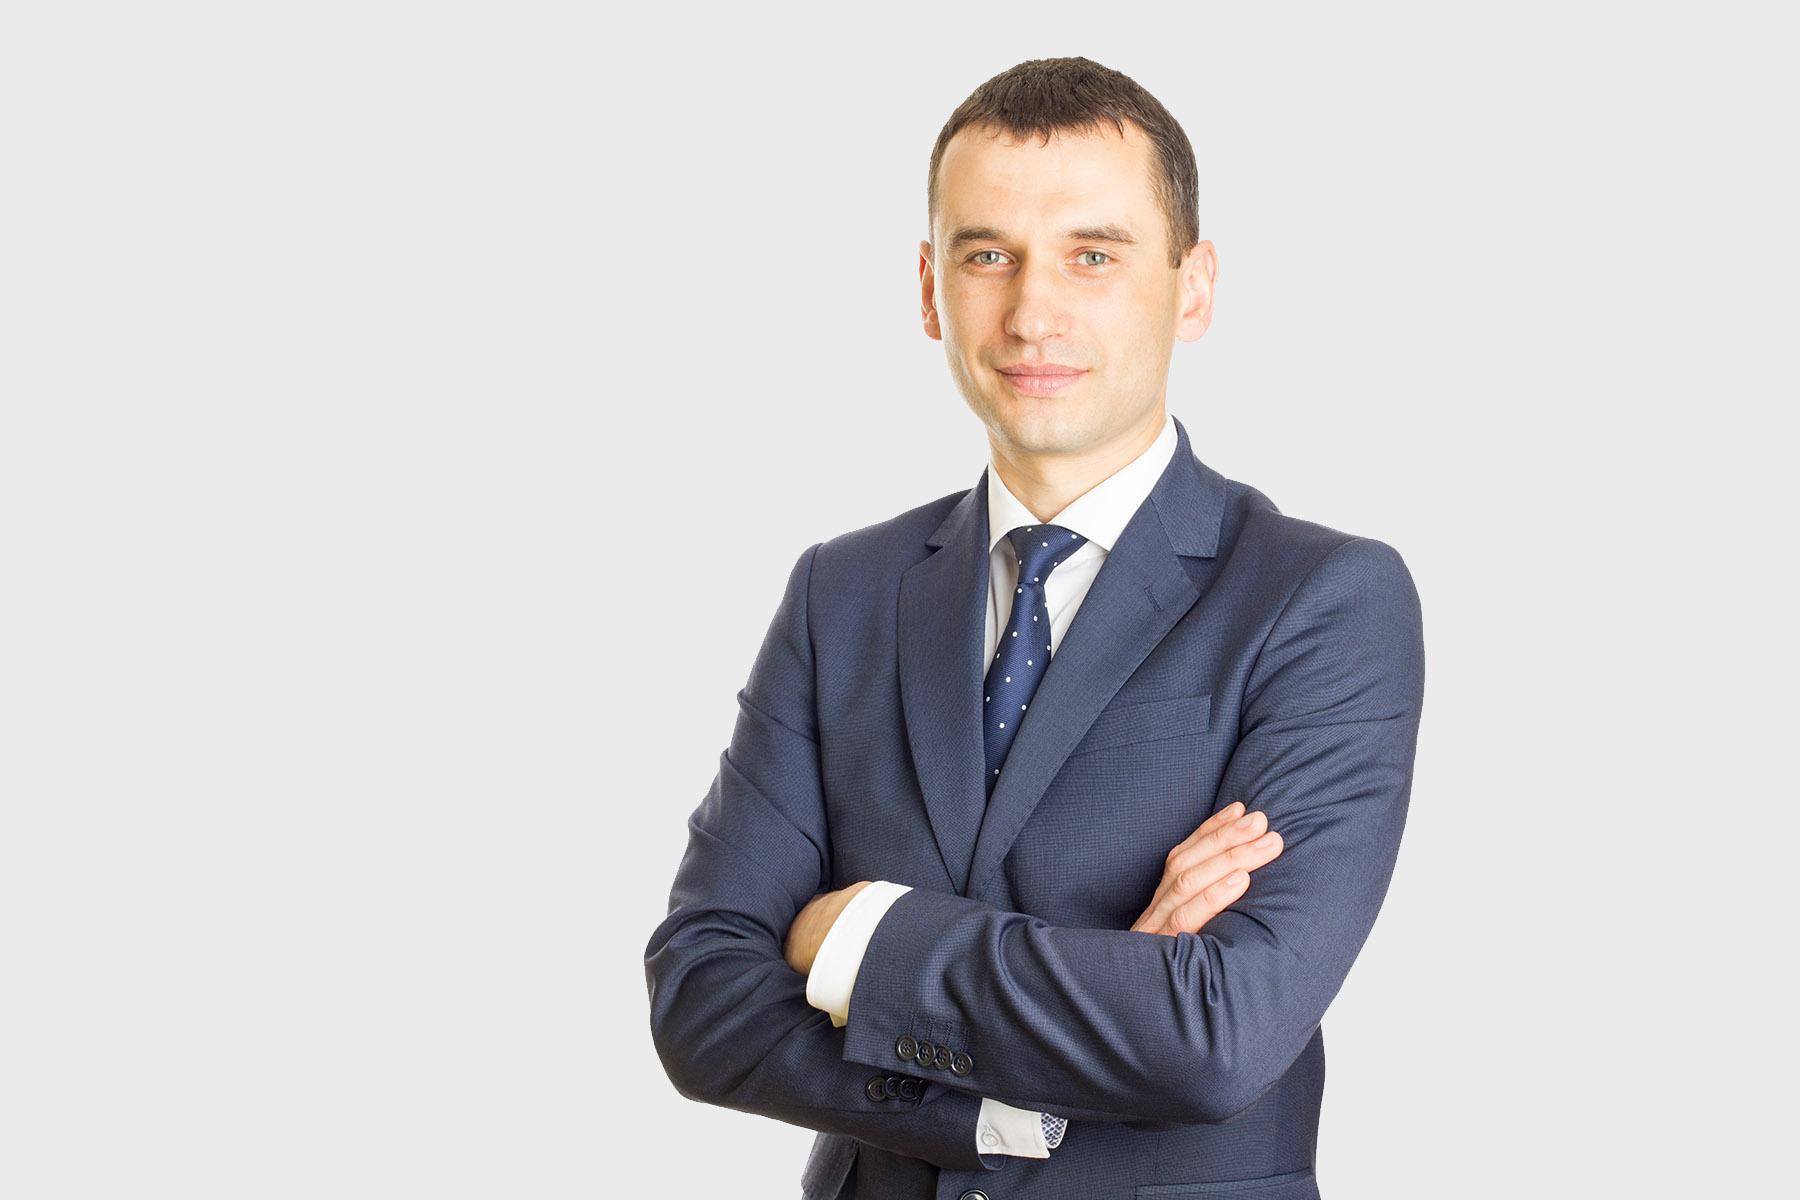 Директор РК «Золотые Ворота» Холмецкий Алексей назначен главой Комитета Информационных технологий ССНК